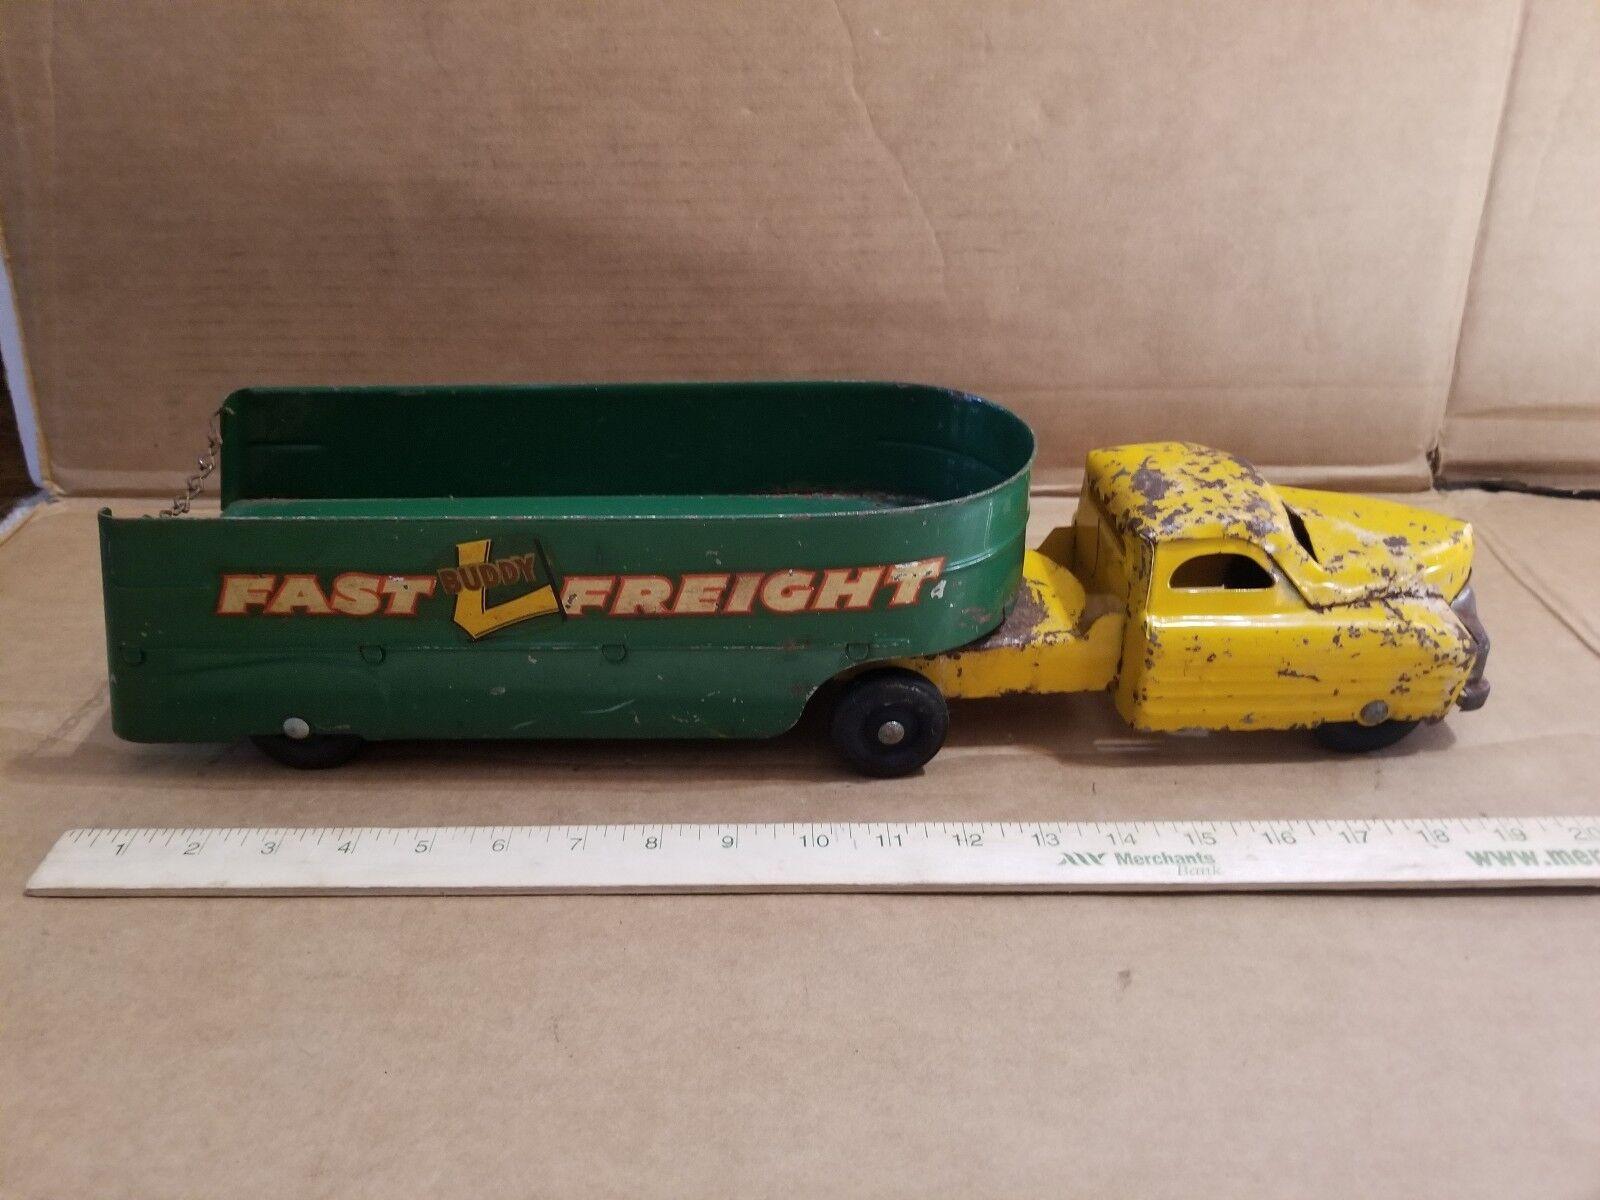 BUDDY L FAST FREIGHT SEMI SEMI SEMI TRUCK & TRAILER  PRESSED STEEL toy East Moline ILL ed9